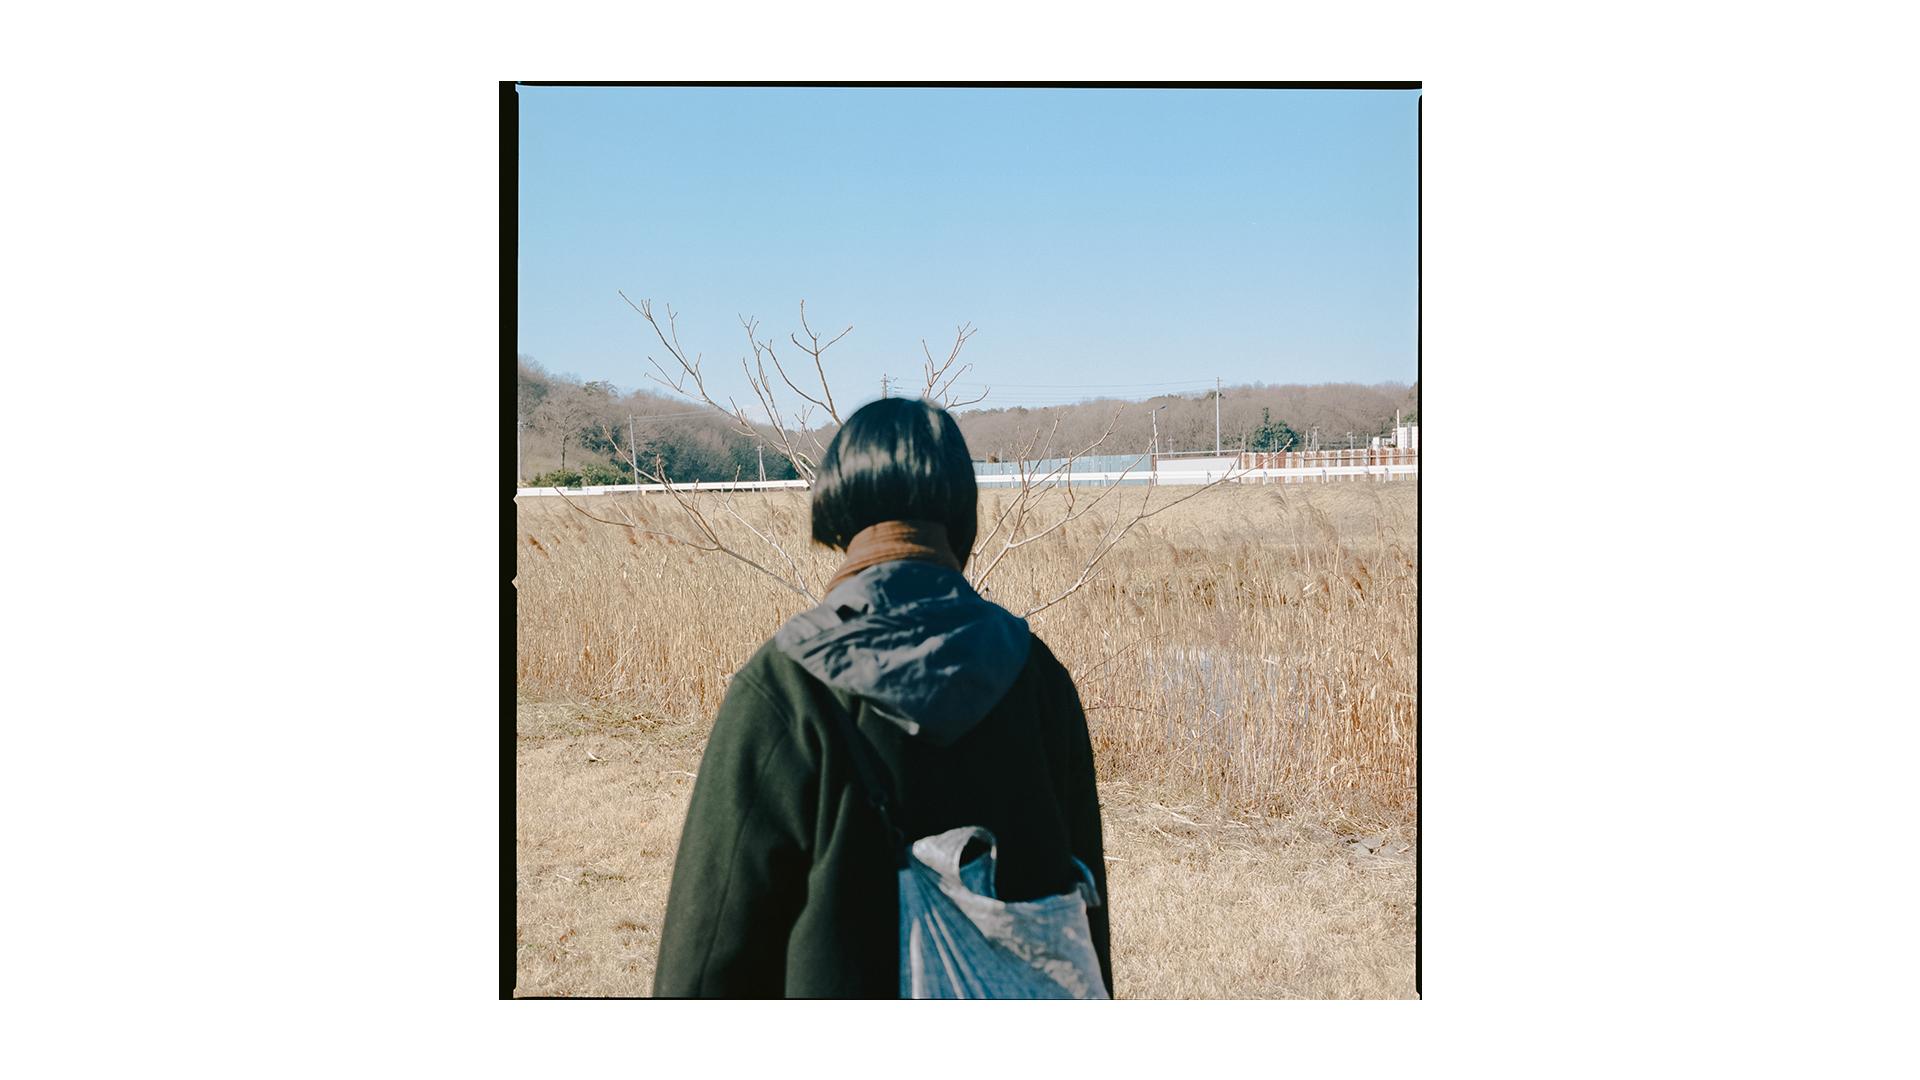 嶌村吉祥丸 | Kisshomaru Shimamura